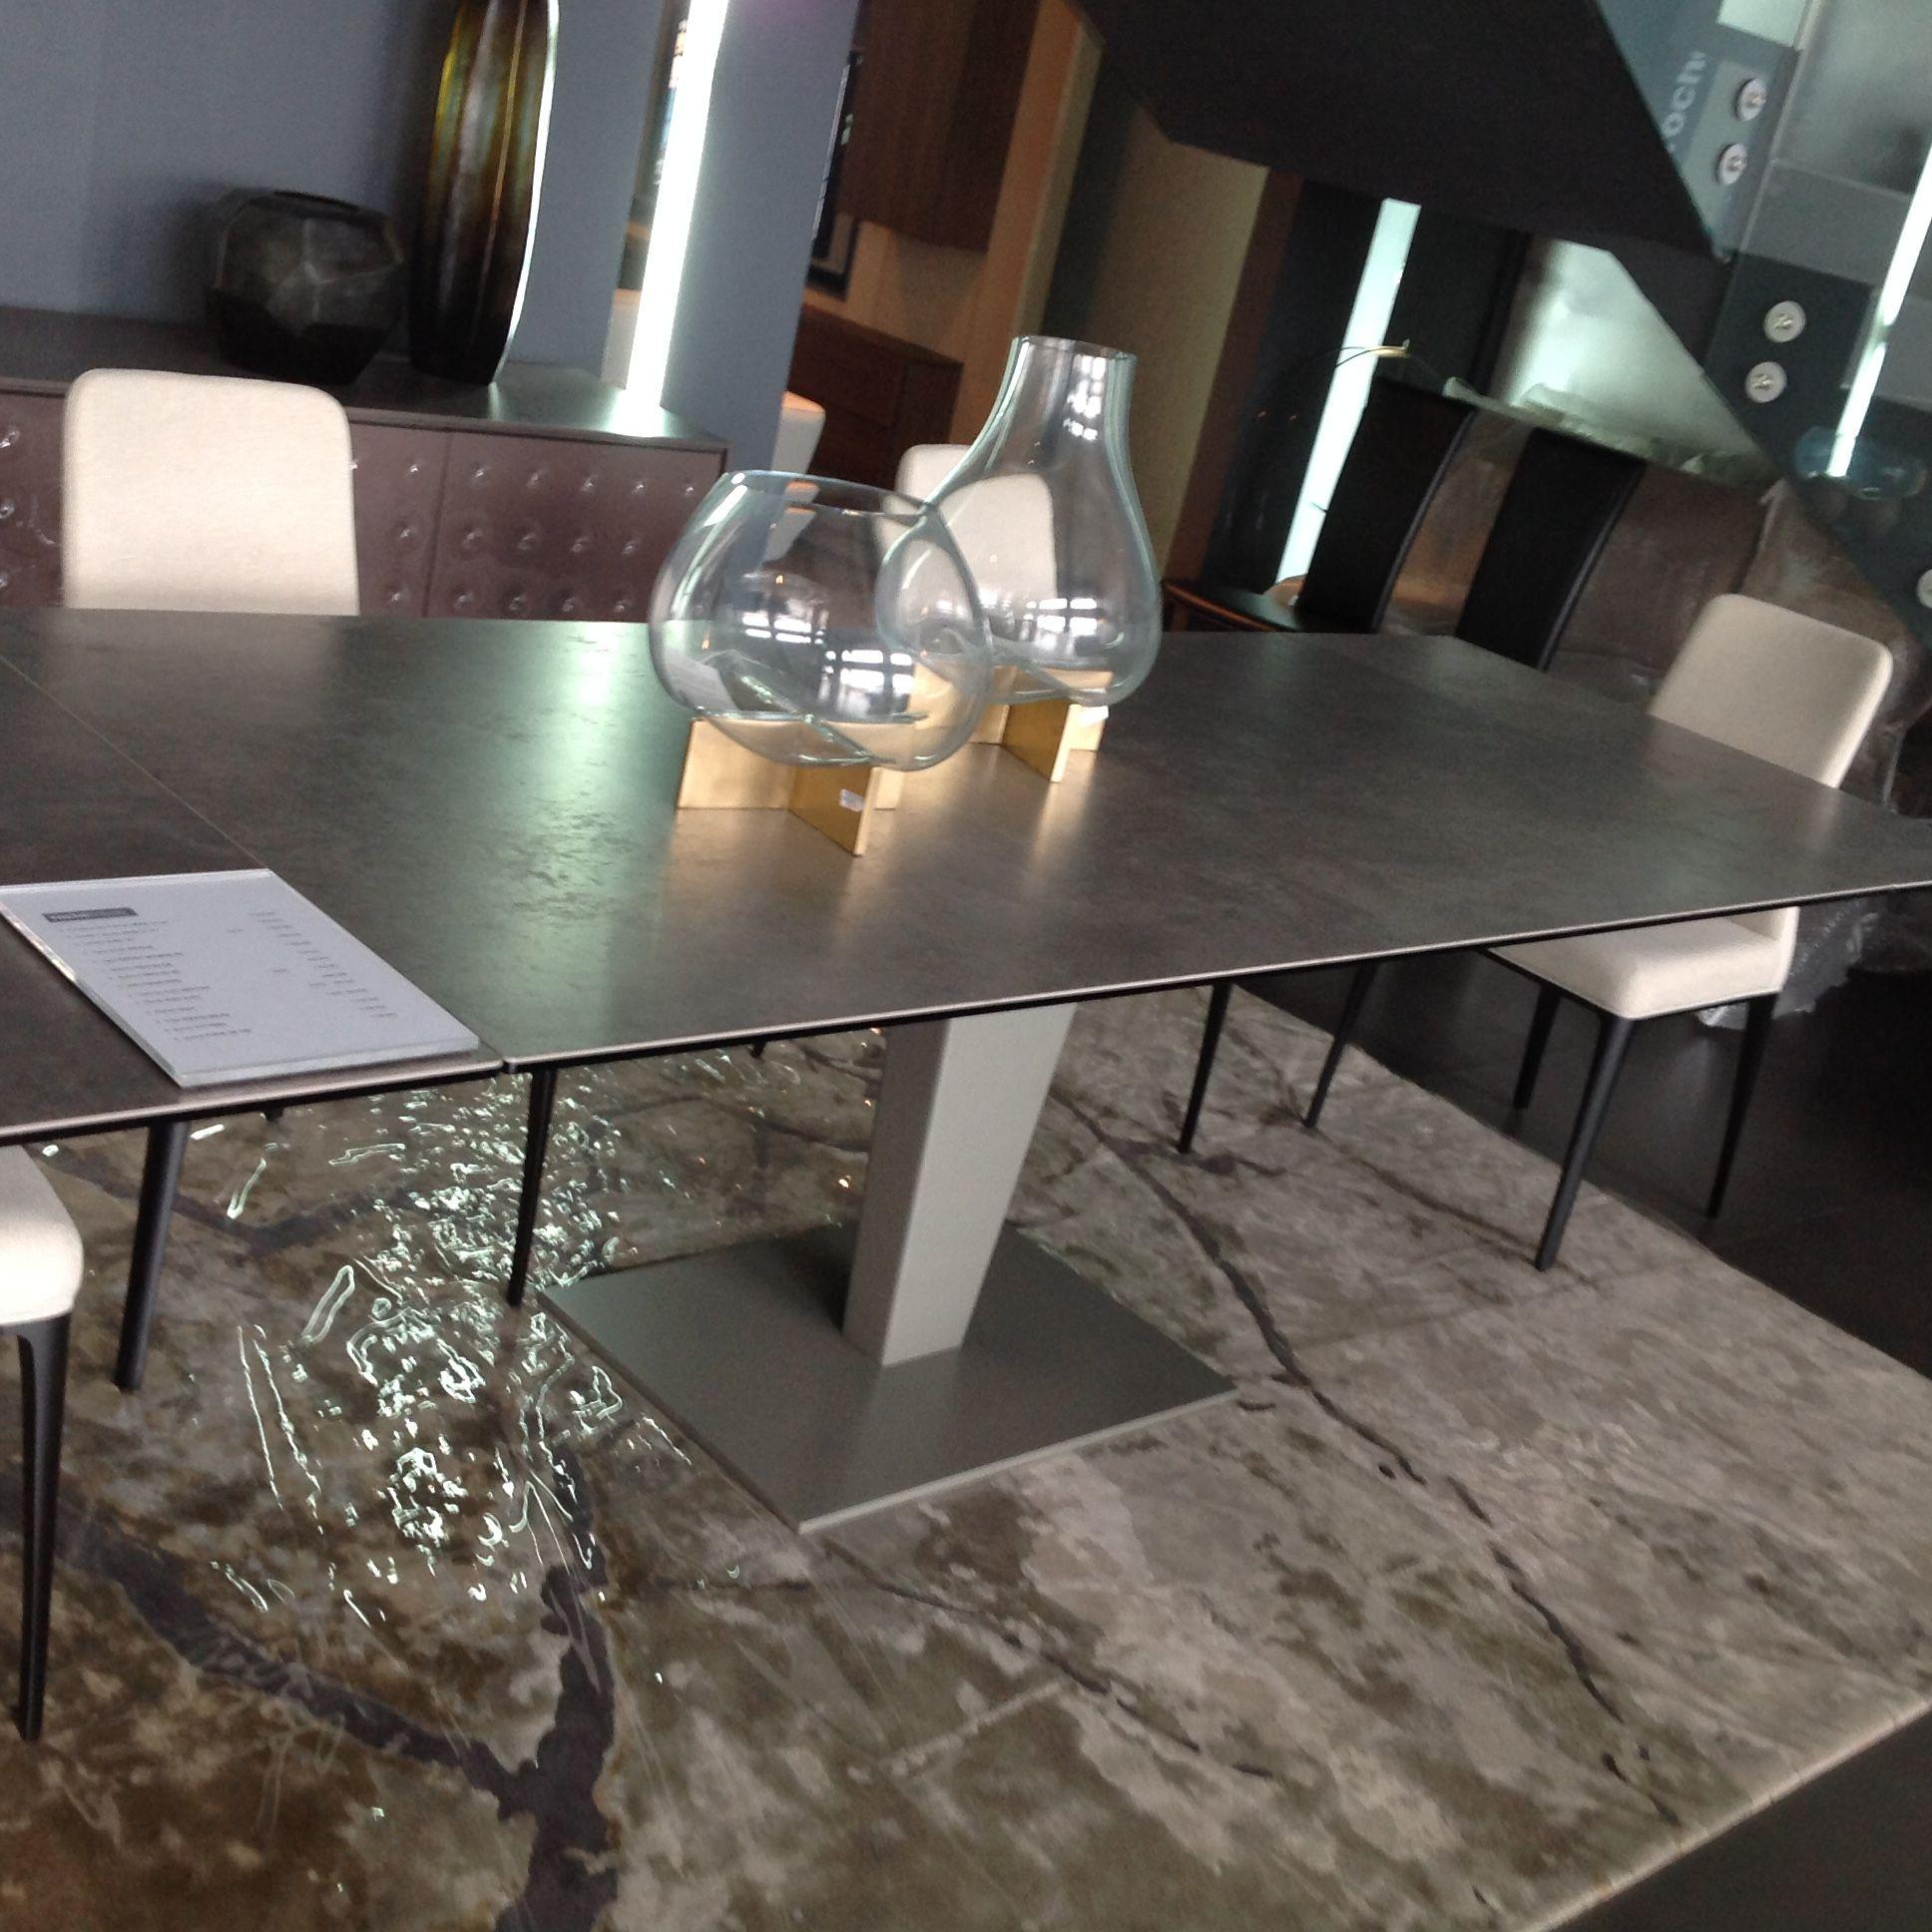 Table De Repas Nephtis, Design Studio Roche Bobois - Chaises à Table Salle À Manger Roche Bobois